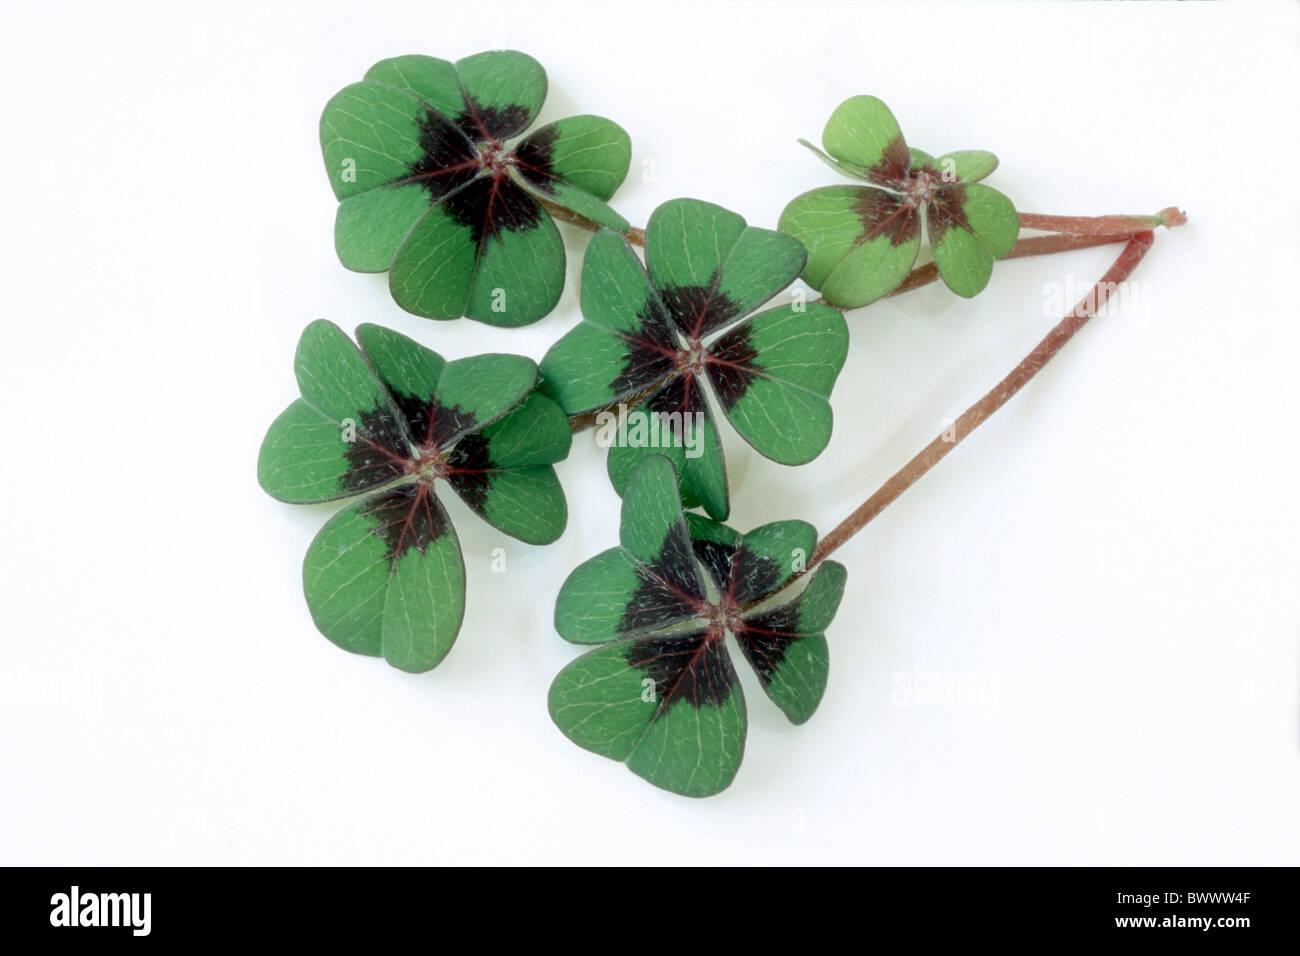 Gut Glück Blatt, Lucky Clover (Oxalis Tetraphylla), Blätter, Studio Bild. Stockbild